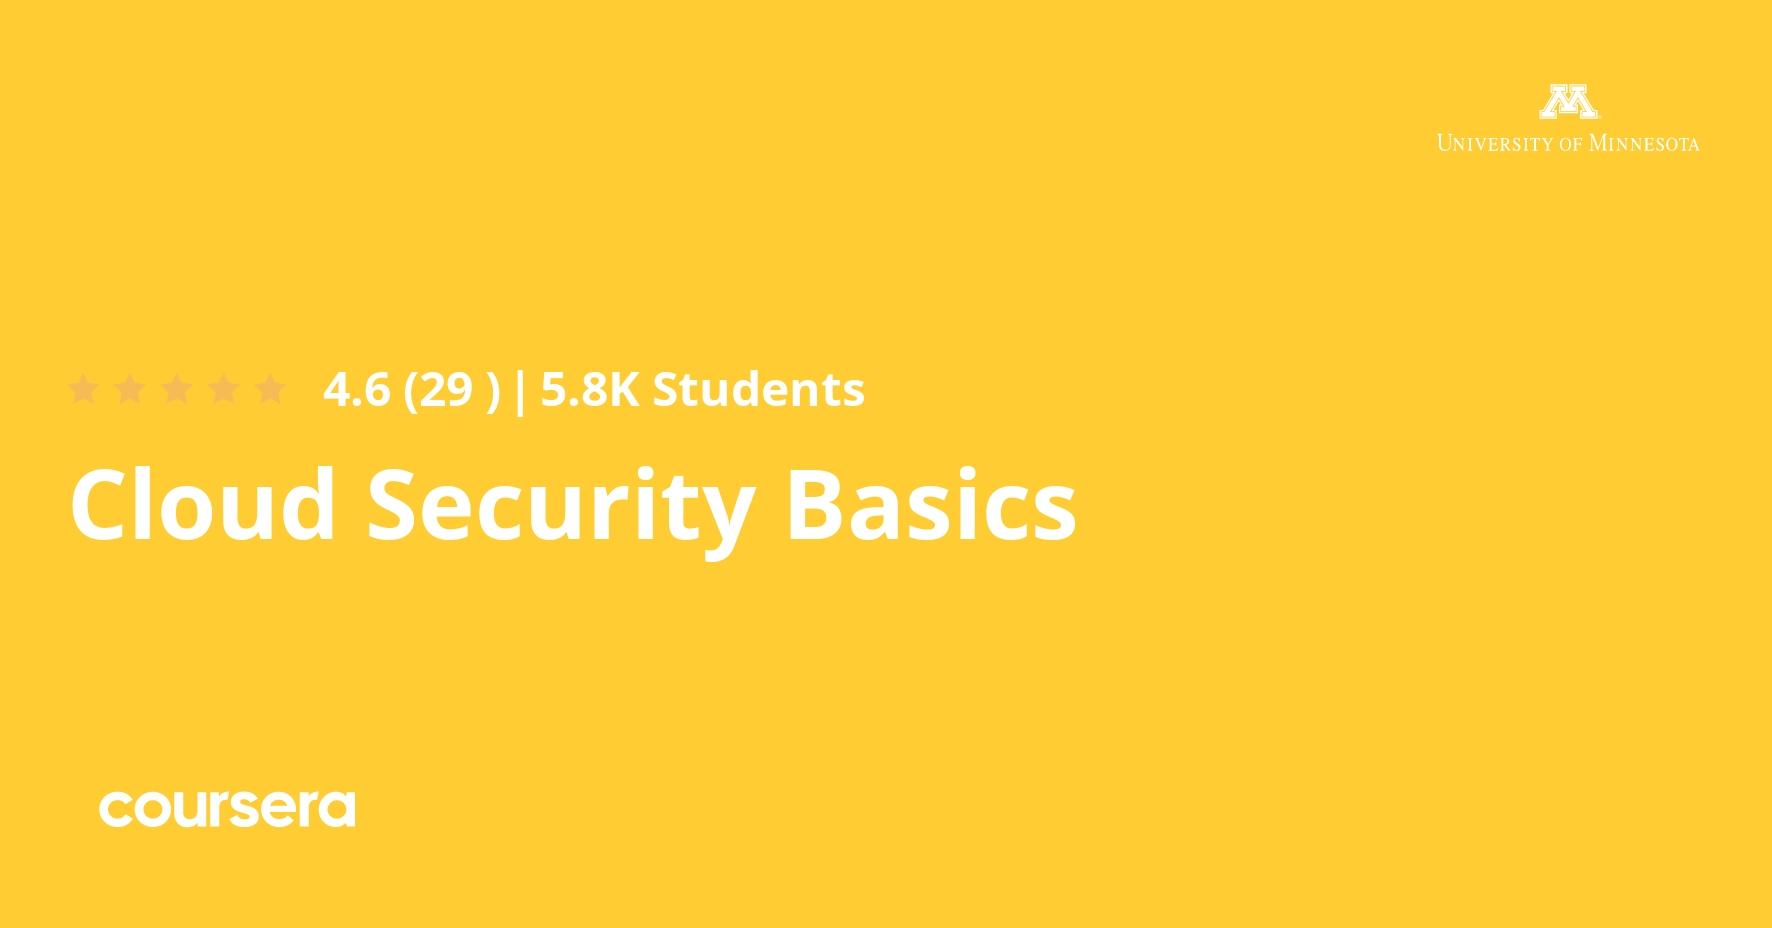 Cloud Security Basics